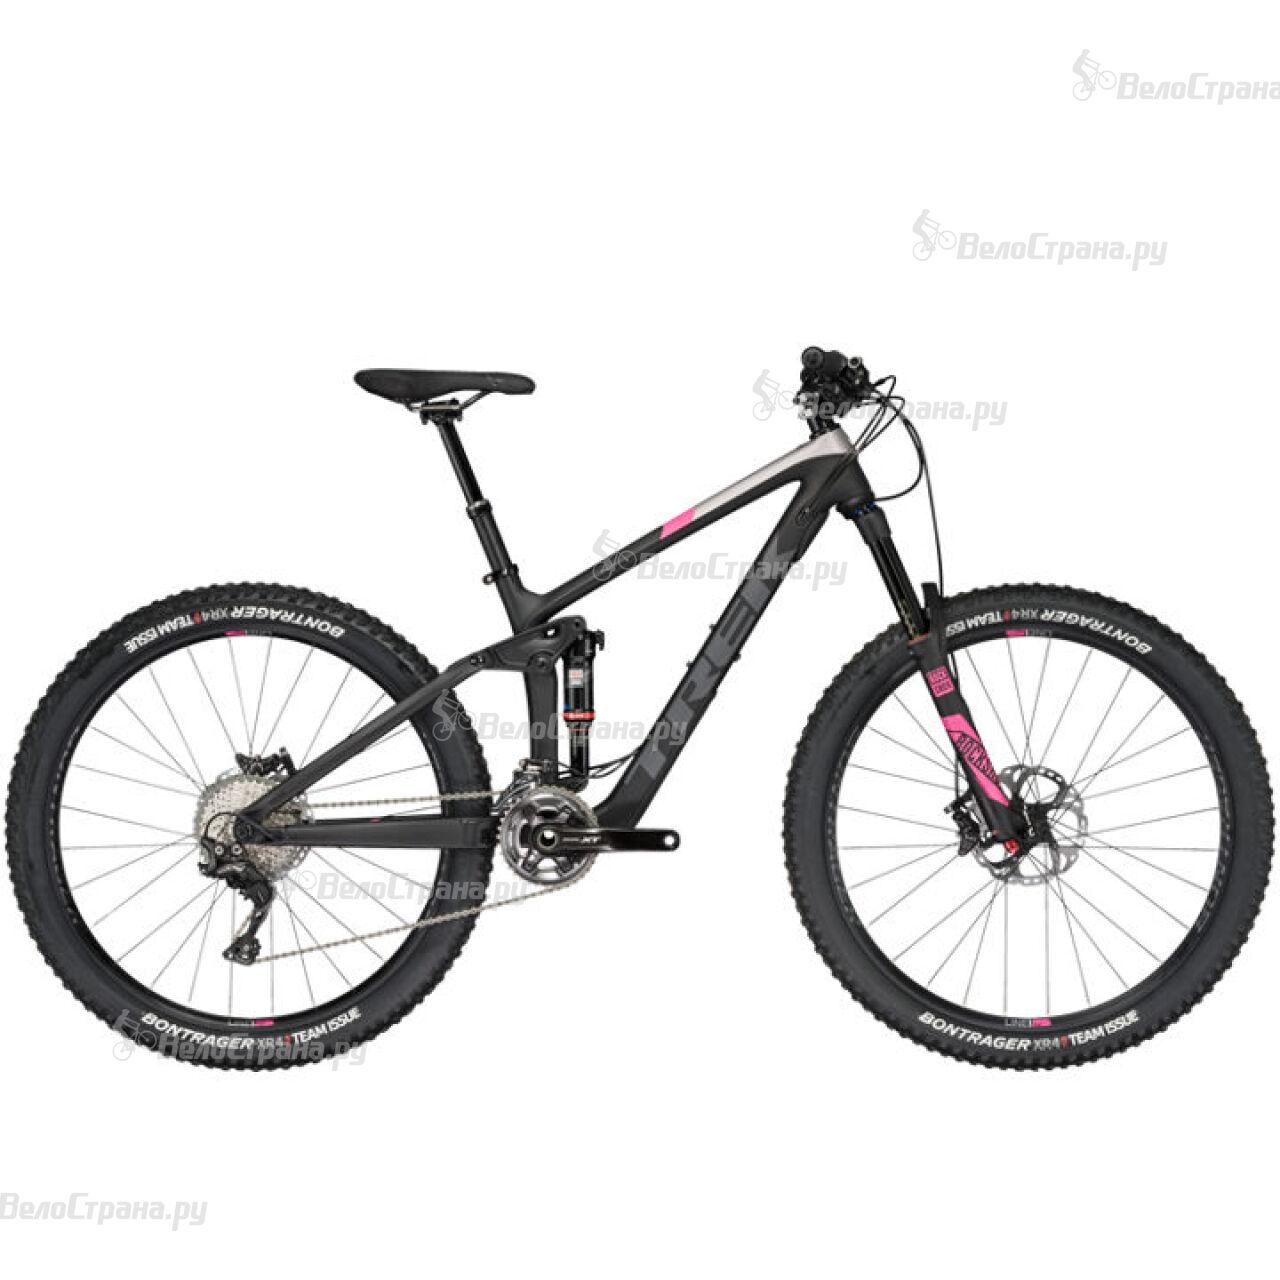 Велосипед Trek Remedy 9.8 27.5 WSD (2017) велосипед trek madone 3 1 wsd 2013